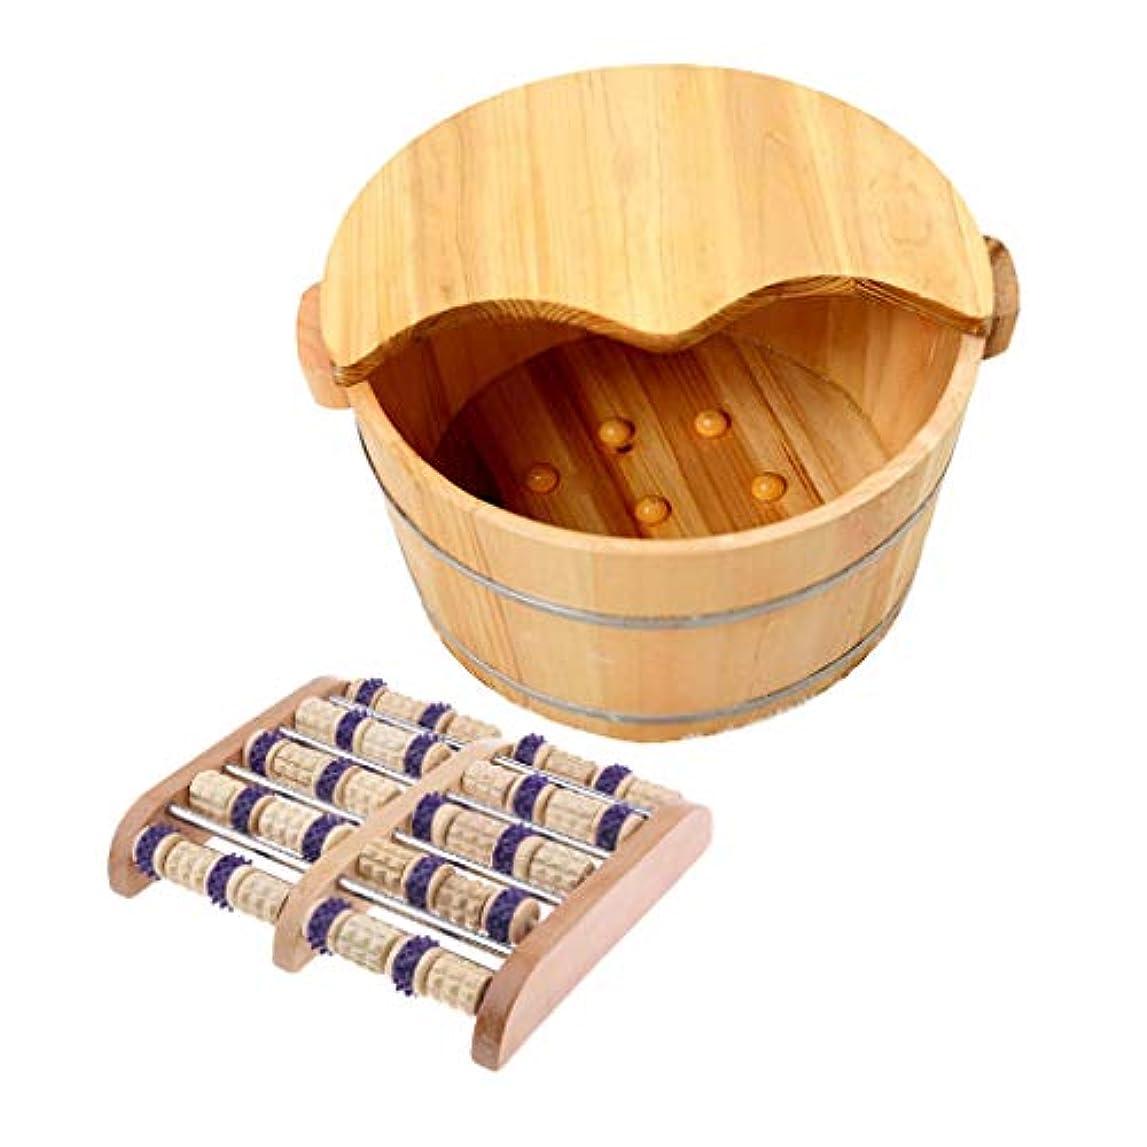 呼び起こす維持する船外CUTICATE 足つぼマッサージ器 手作りウッドフットマッサー 木製の足の洗面台付き 足裏 ツボ押 血行促進